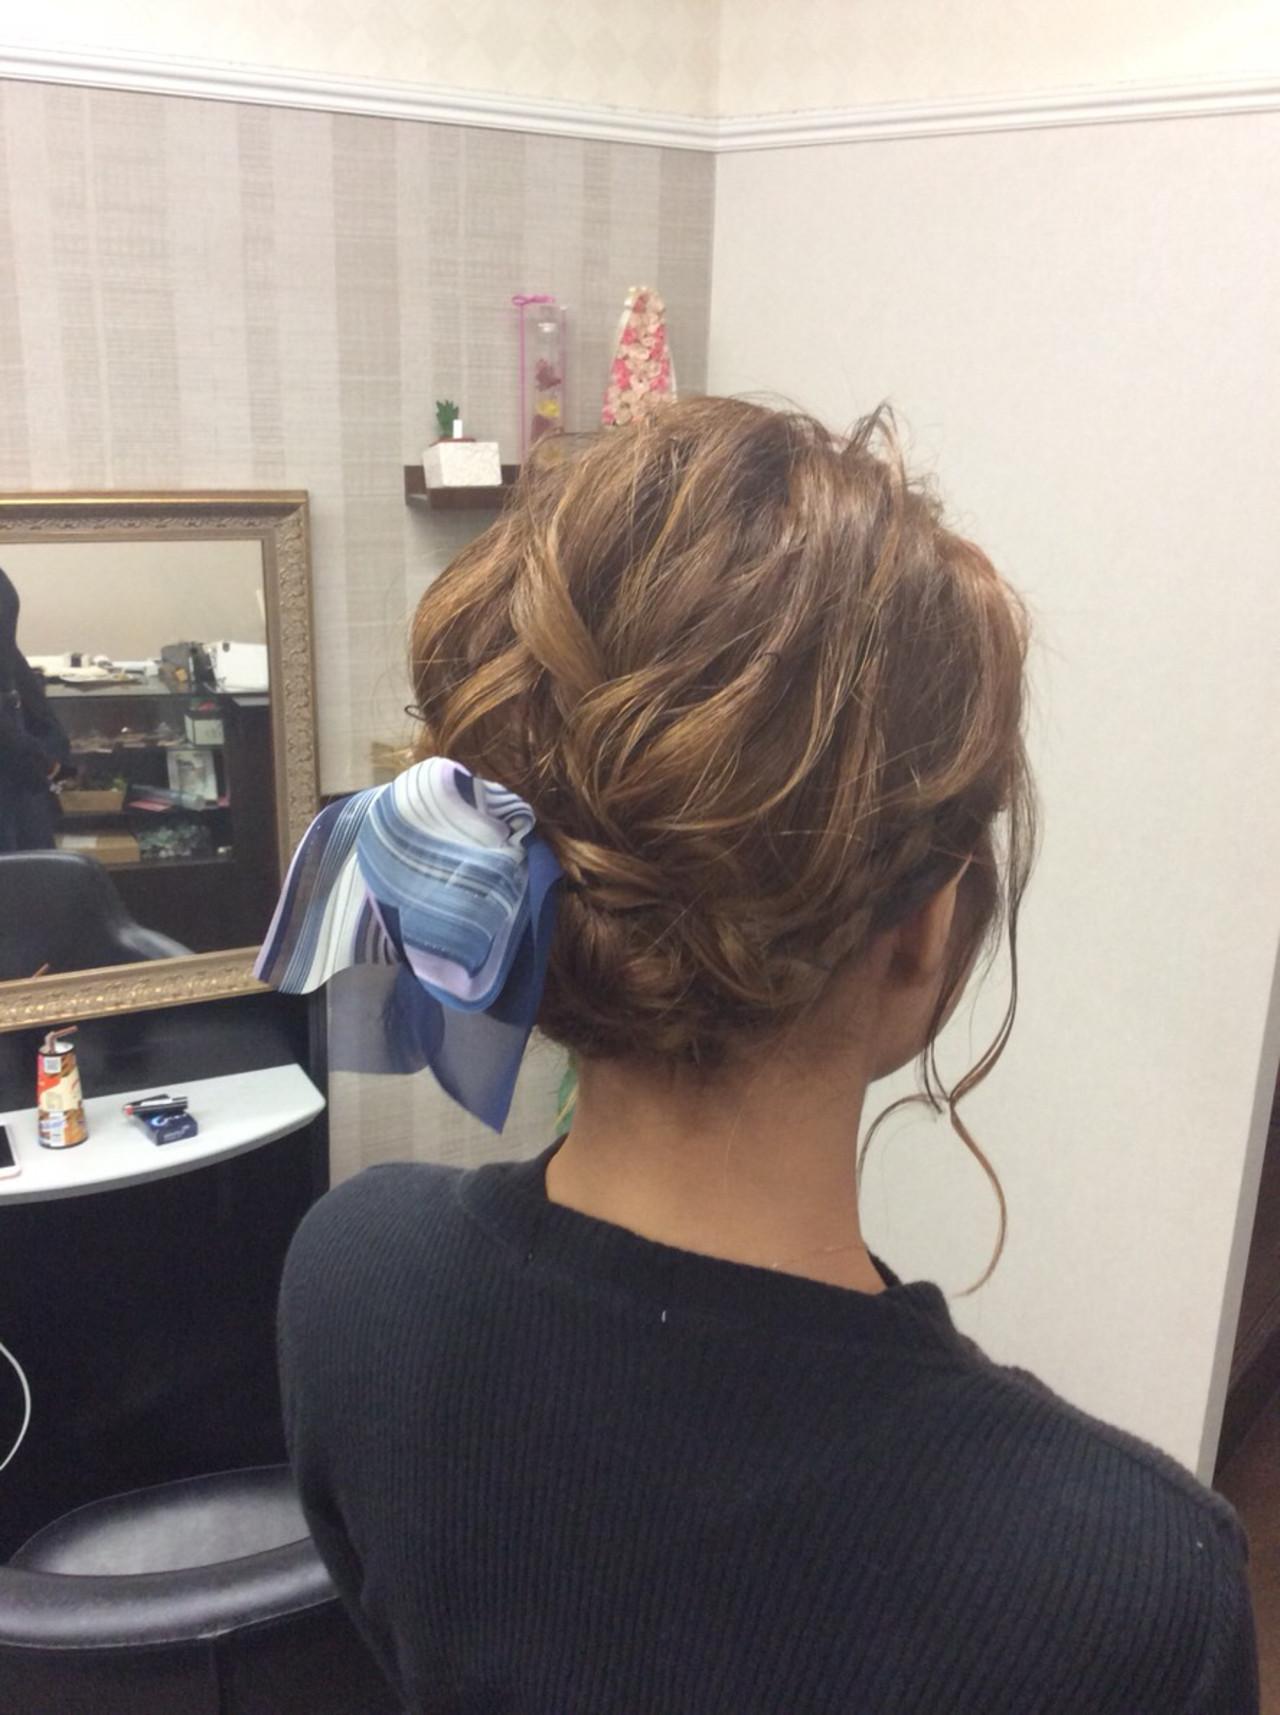 ミディアム 結婚式 ナチュラル 簡単ヘアアレンジ ヘアスタイルや髪型の写真・画像